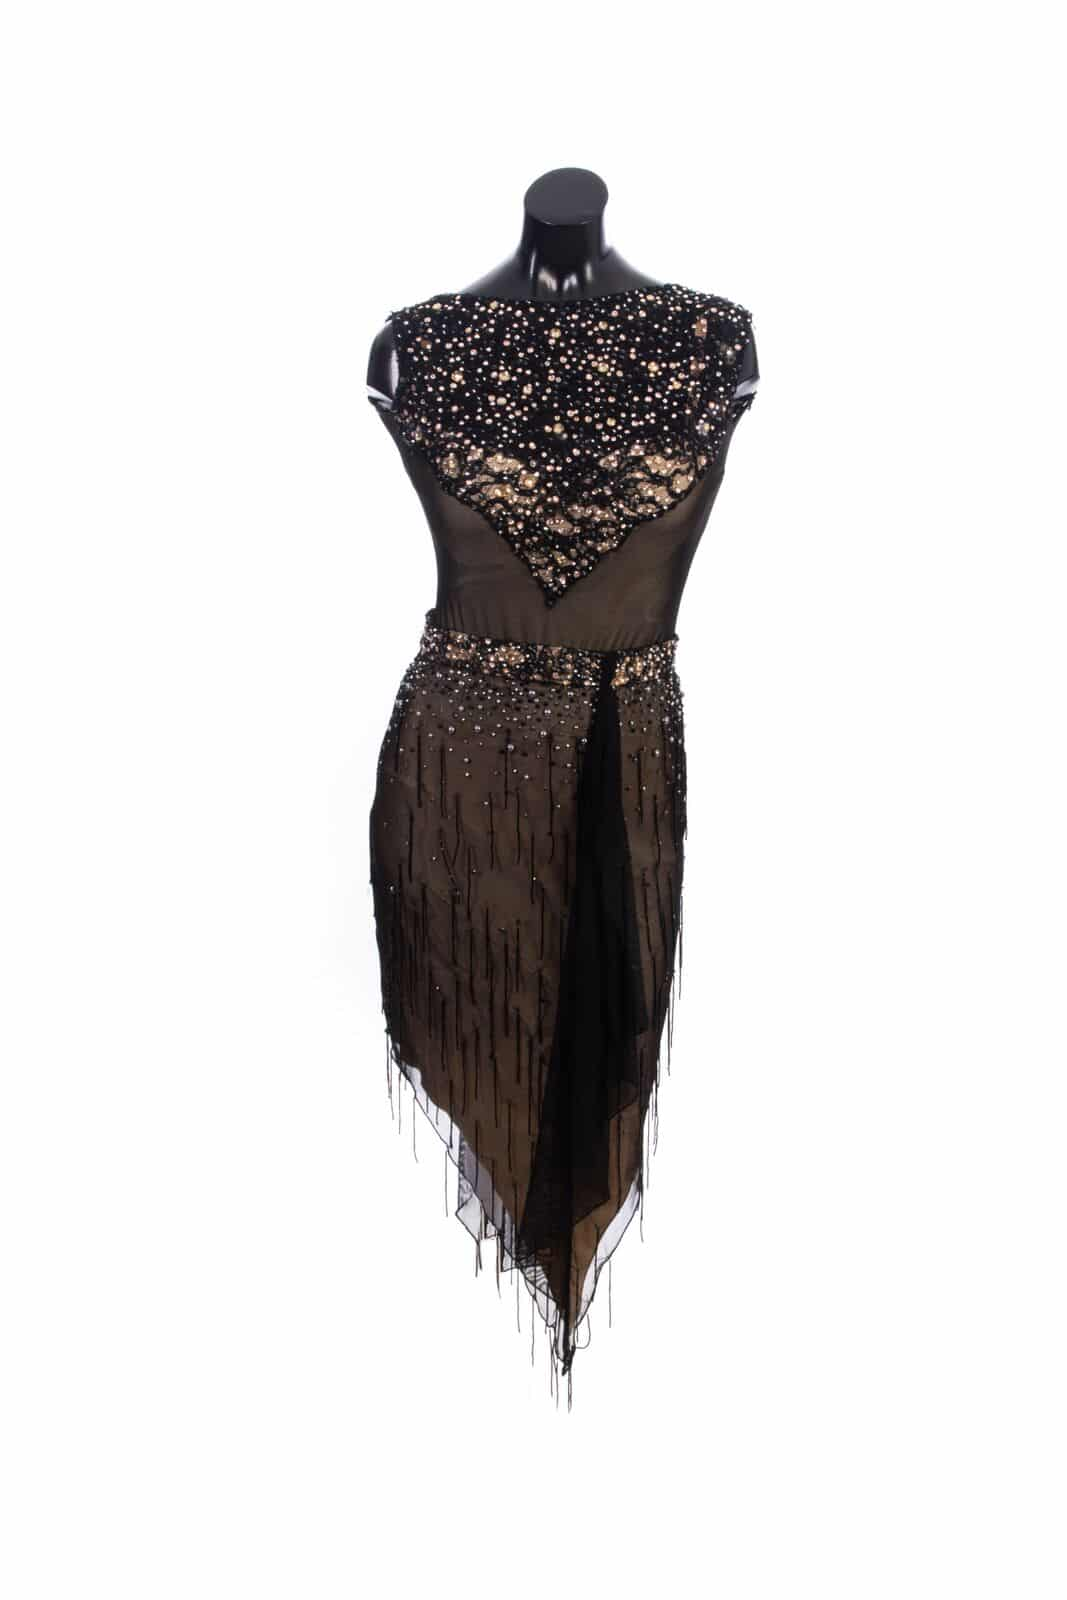 b6129bb003 Latin Salsa Dress